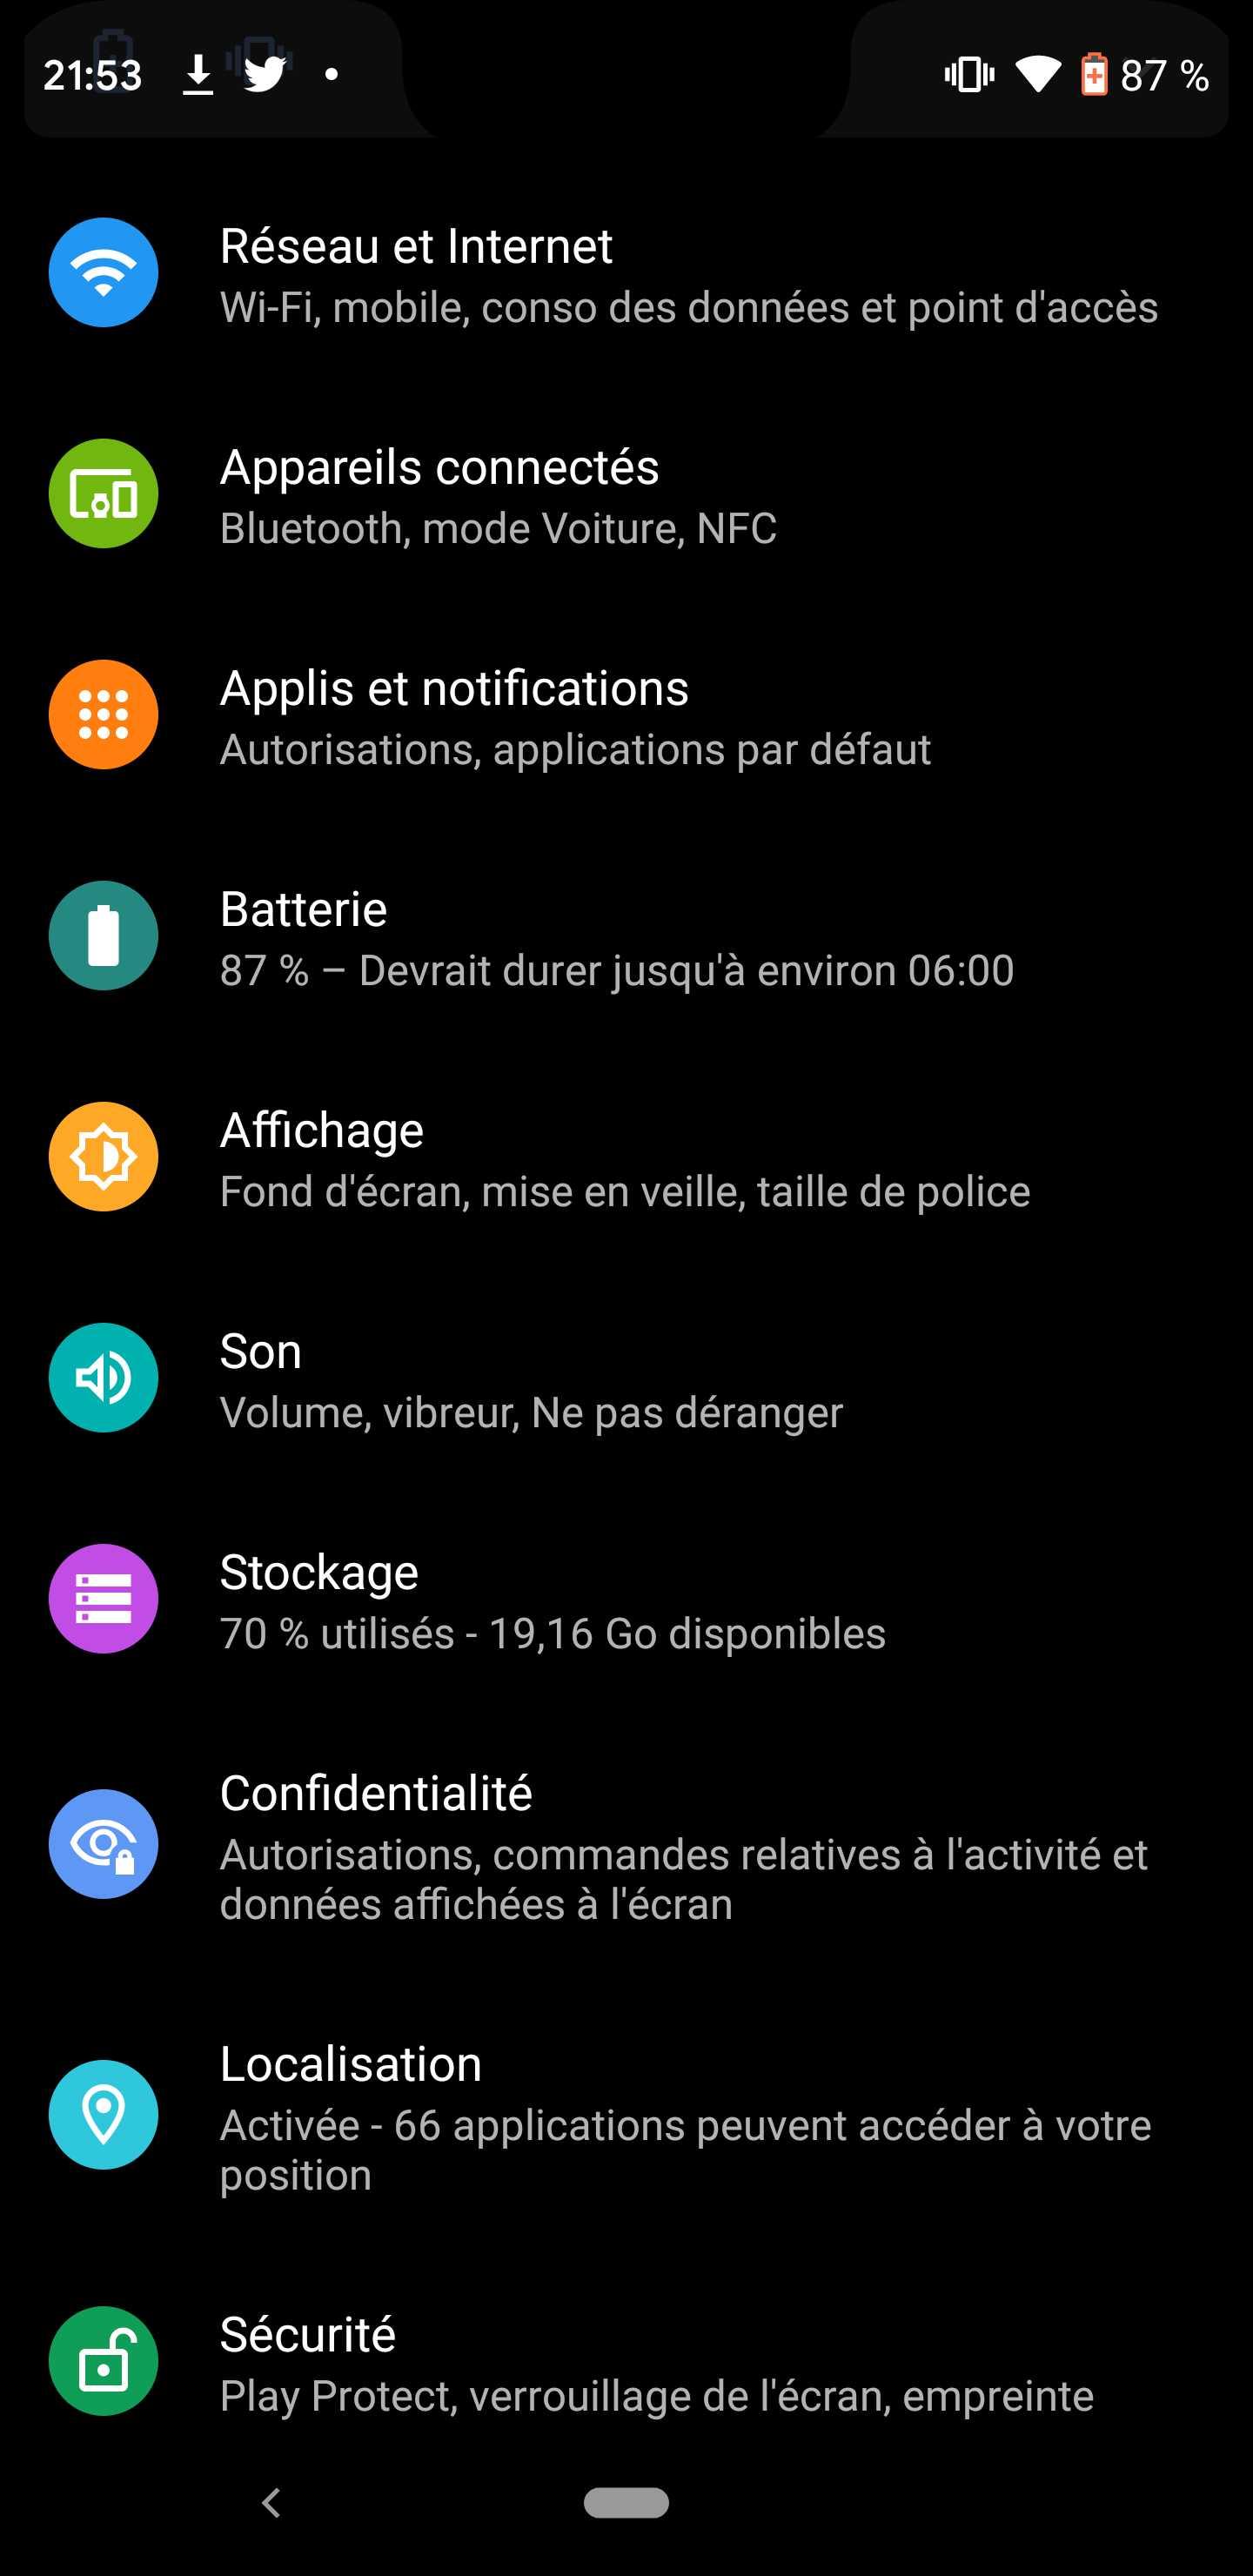 Android 10 : voici la liste des nouveautés de la mise à jour